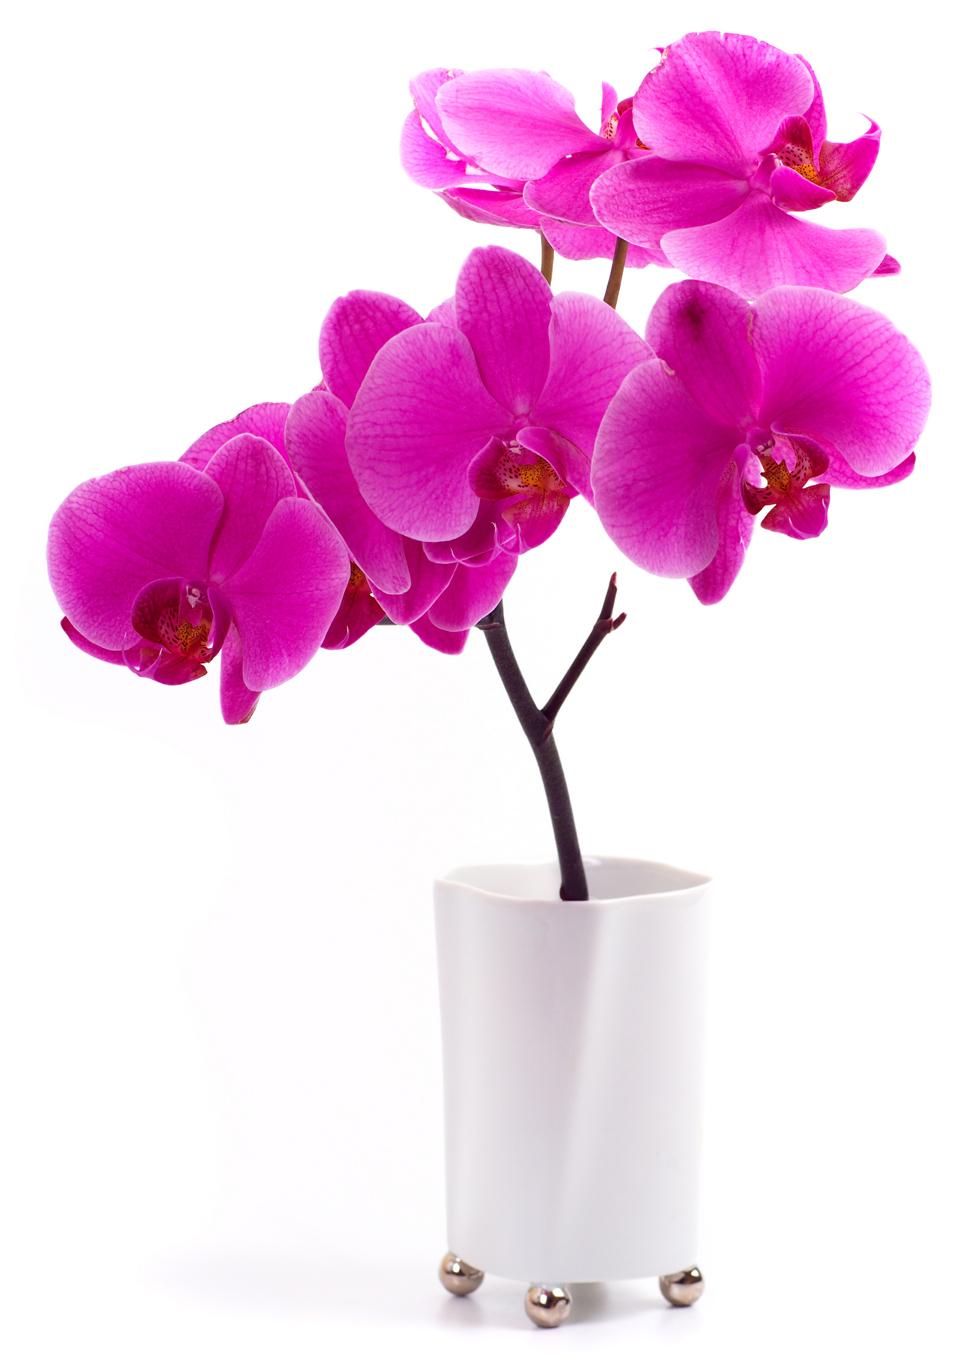 Stickers fleur pot orchide des prix 50 moins cher qu 39 en magasin - Pose stickers muraux ...